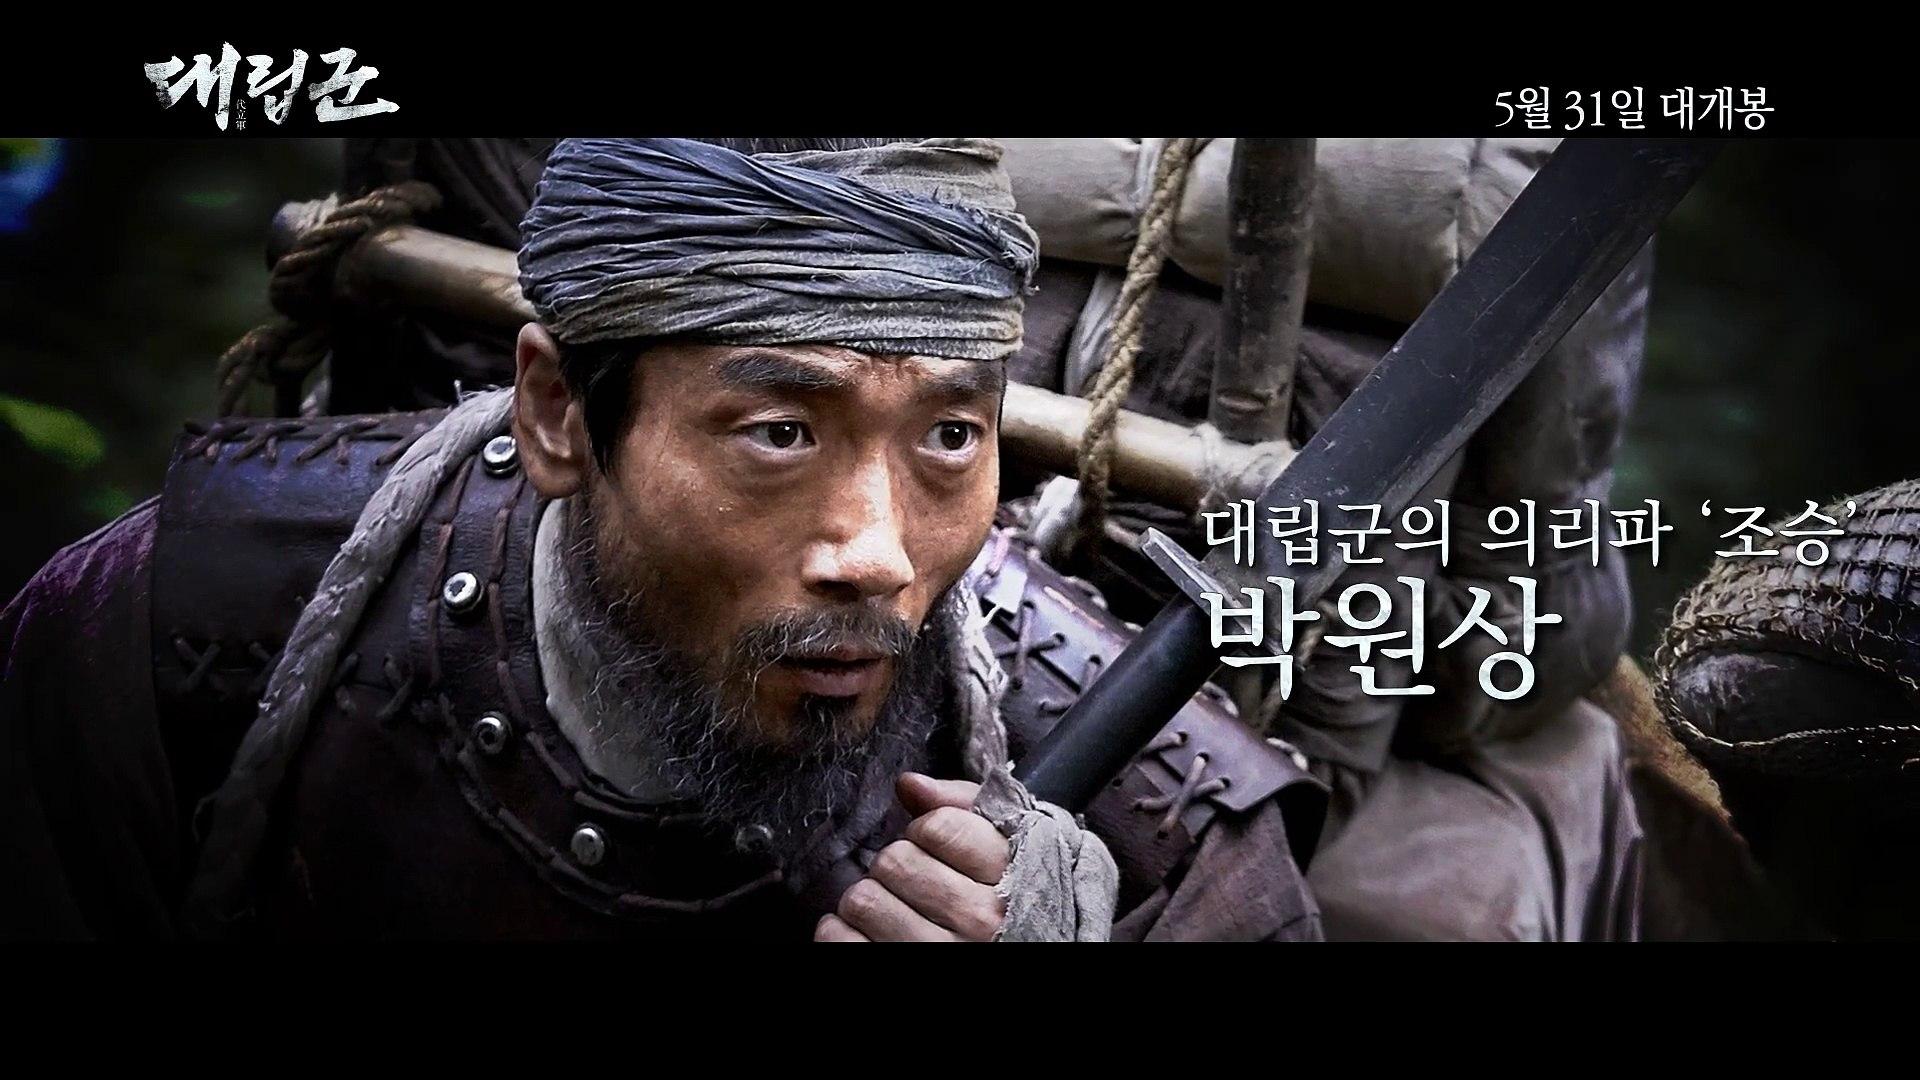 영화 '대립군' 비하인드 - 캐릭터 하이라이트